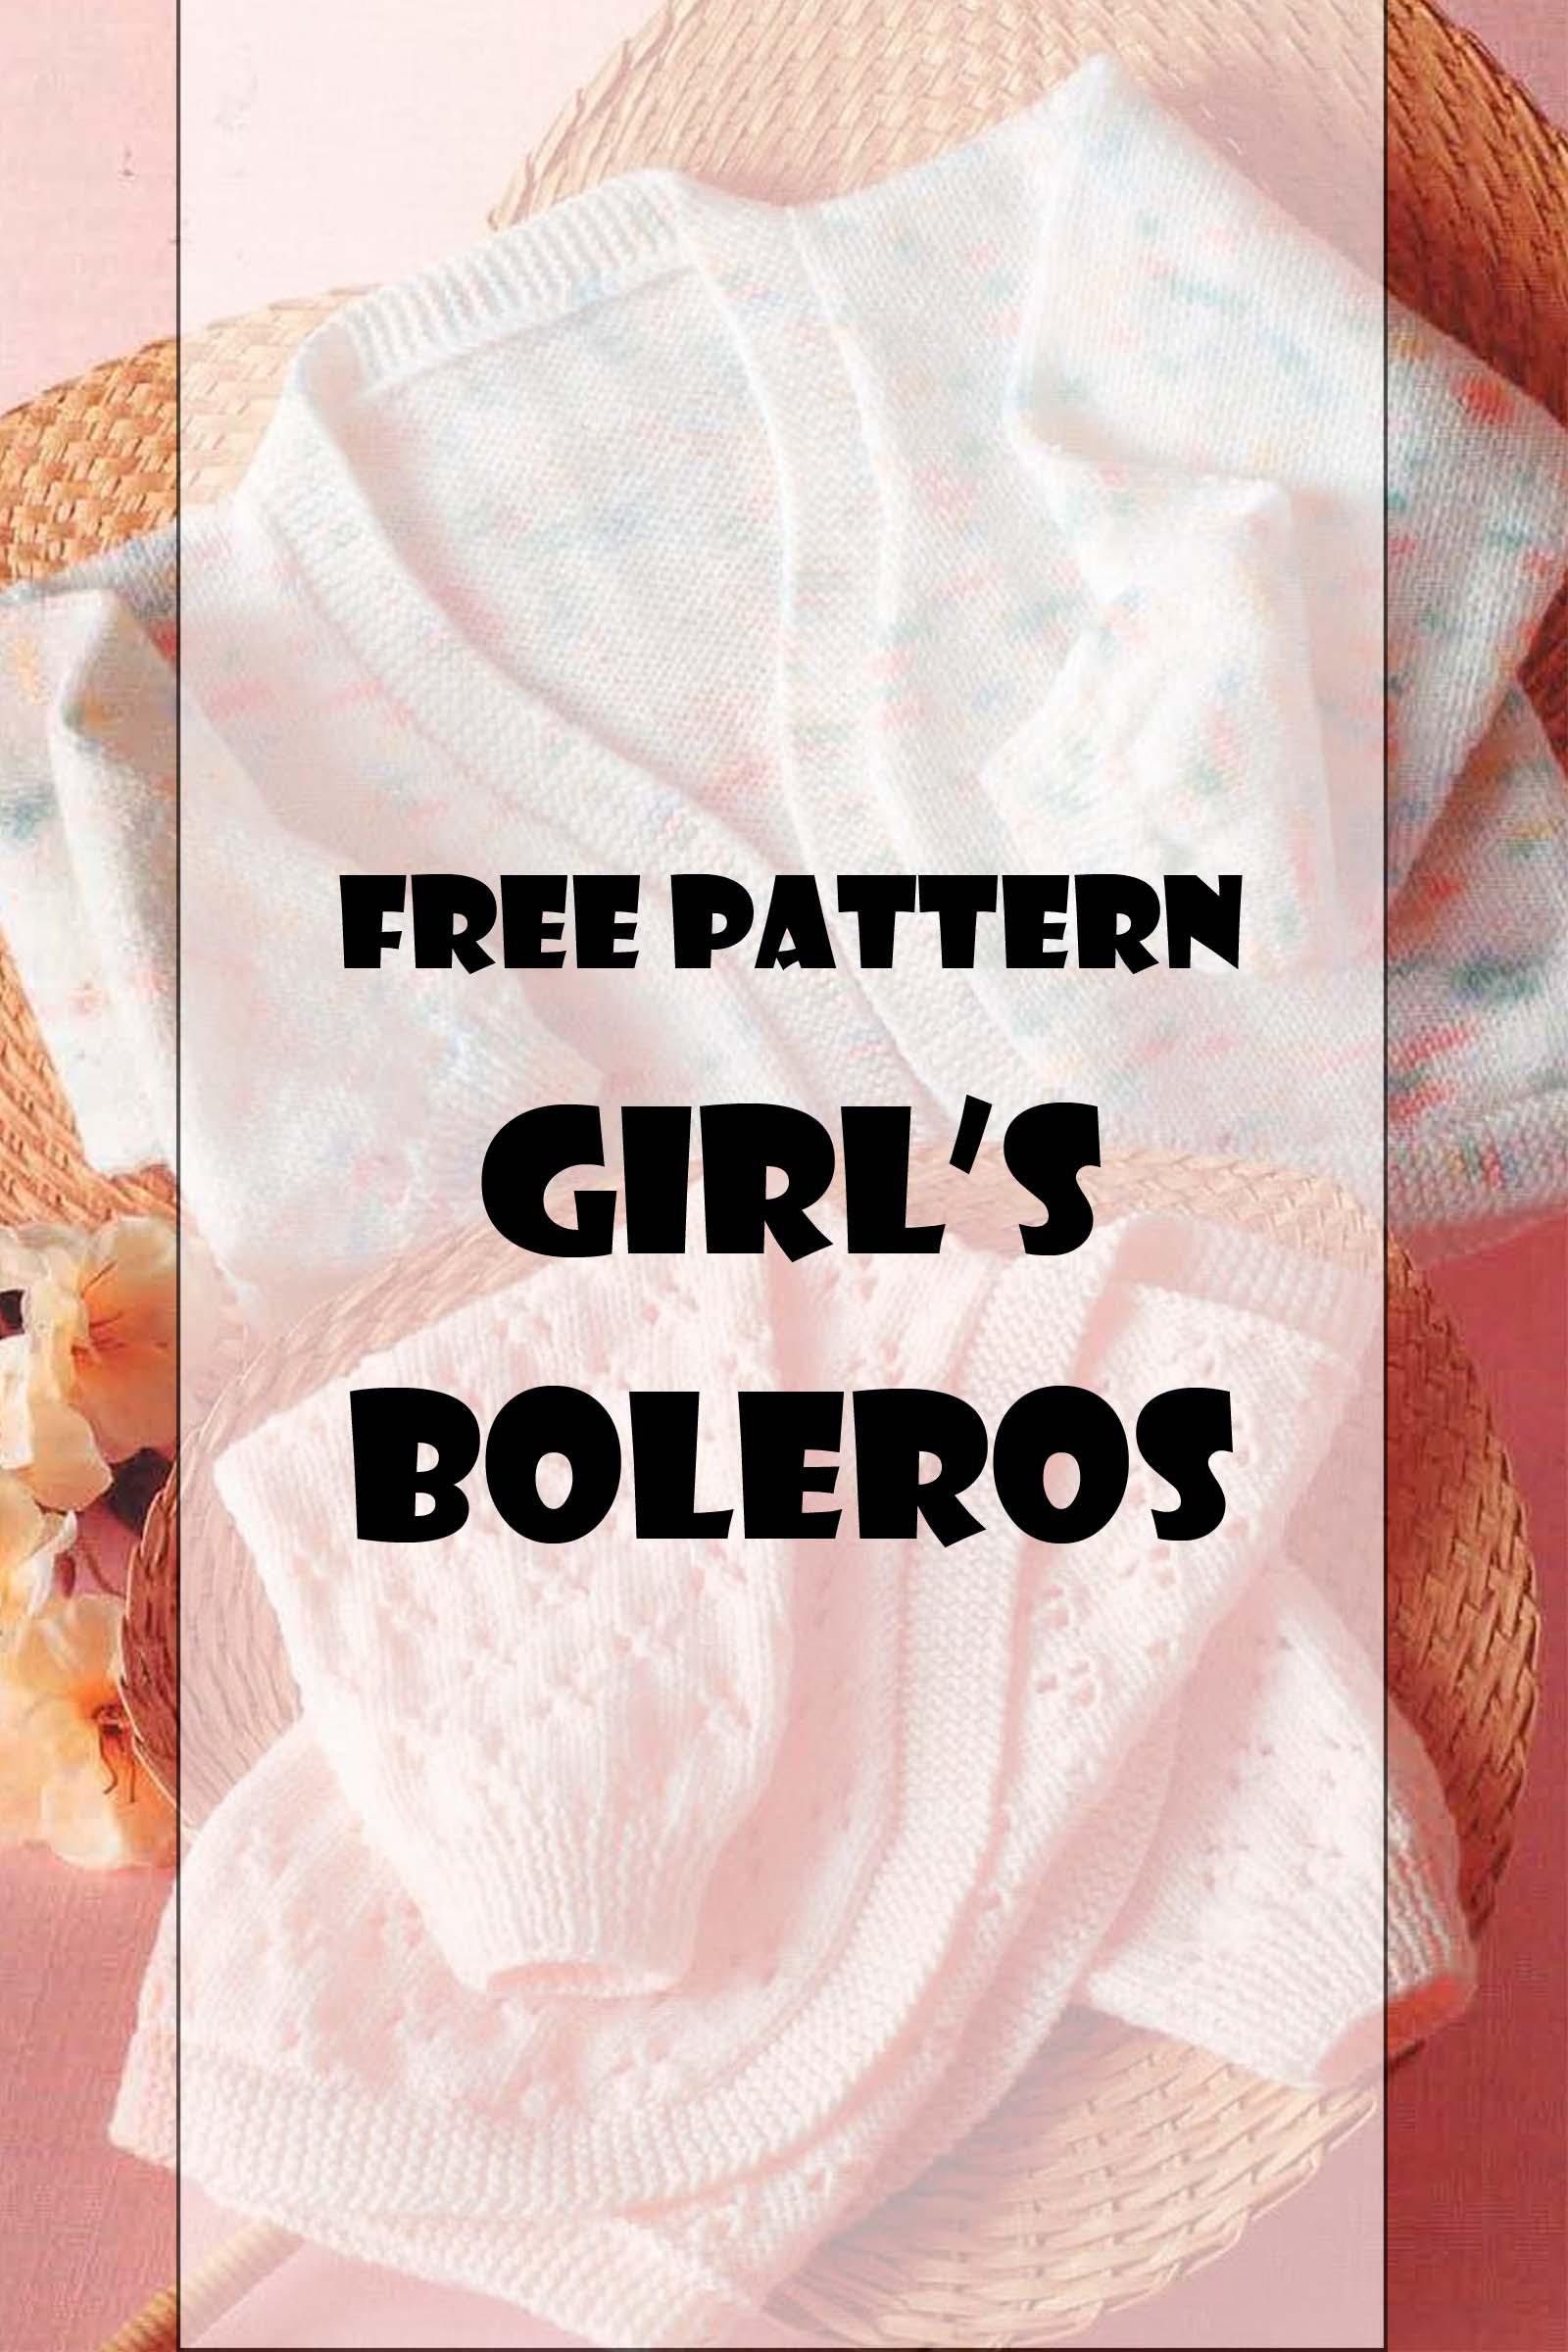 Free knitting pattern to knit a baby girls bolero.